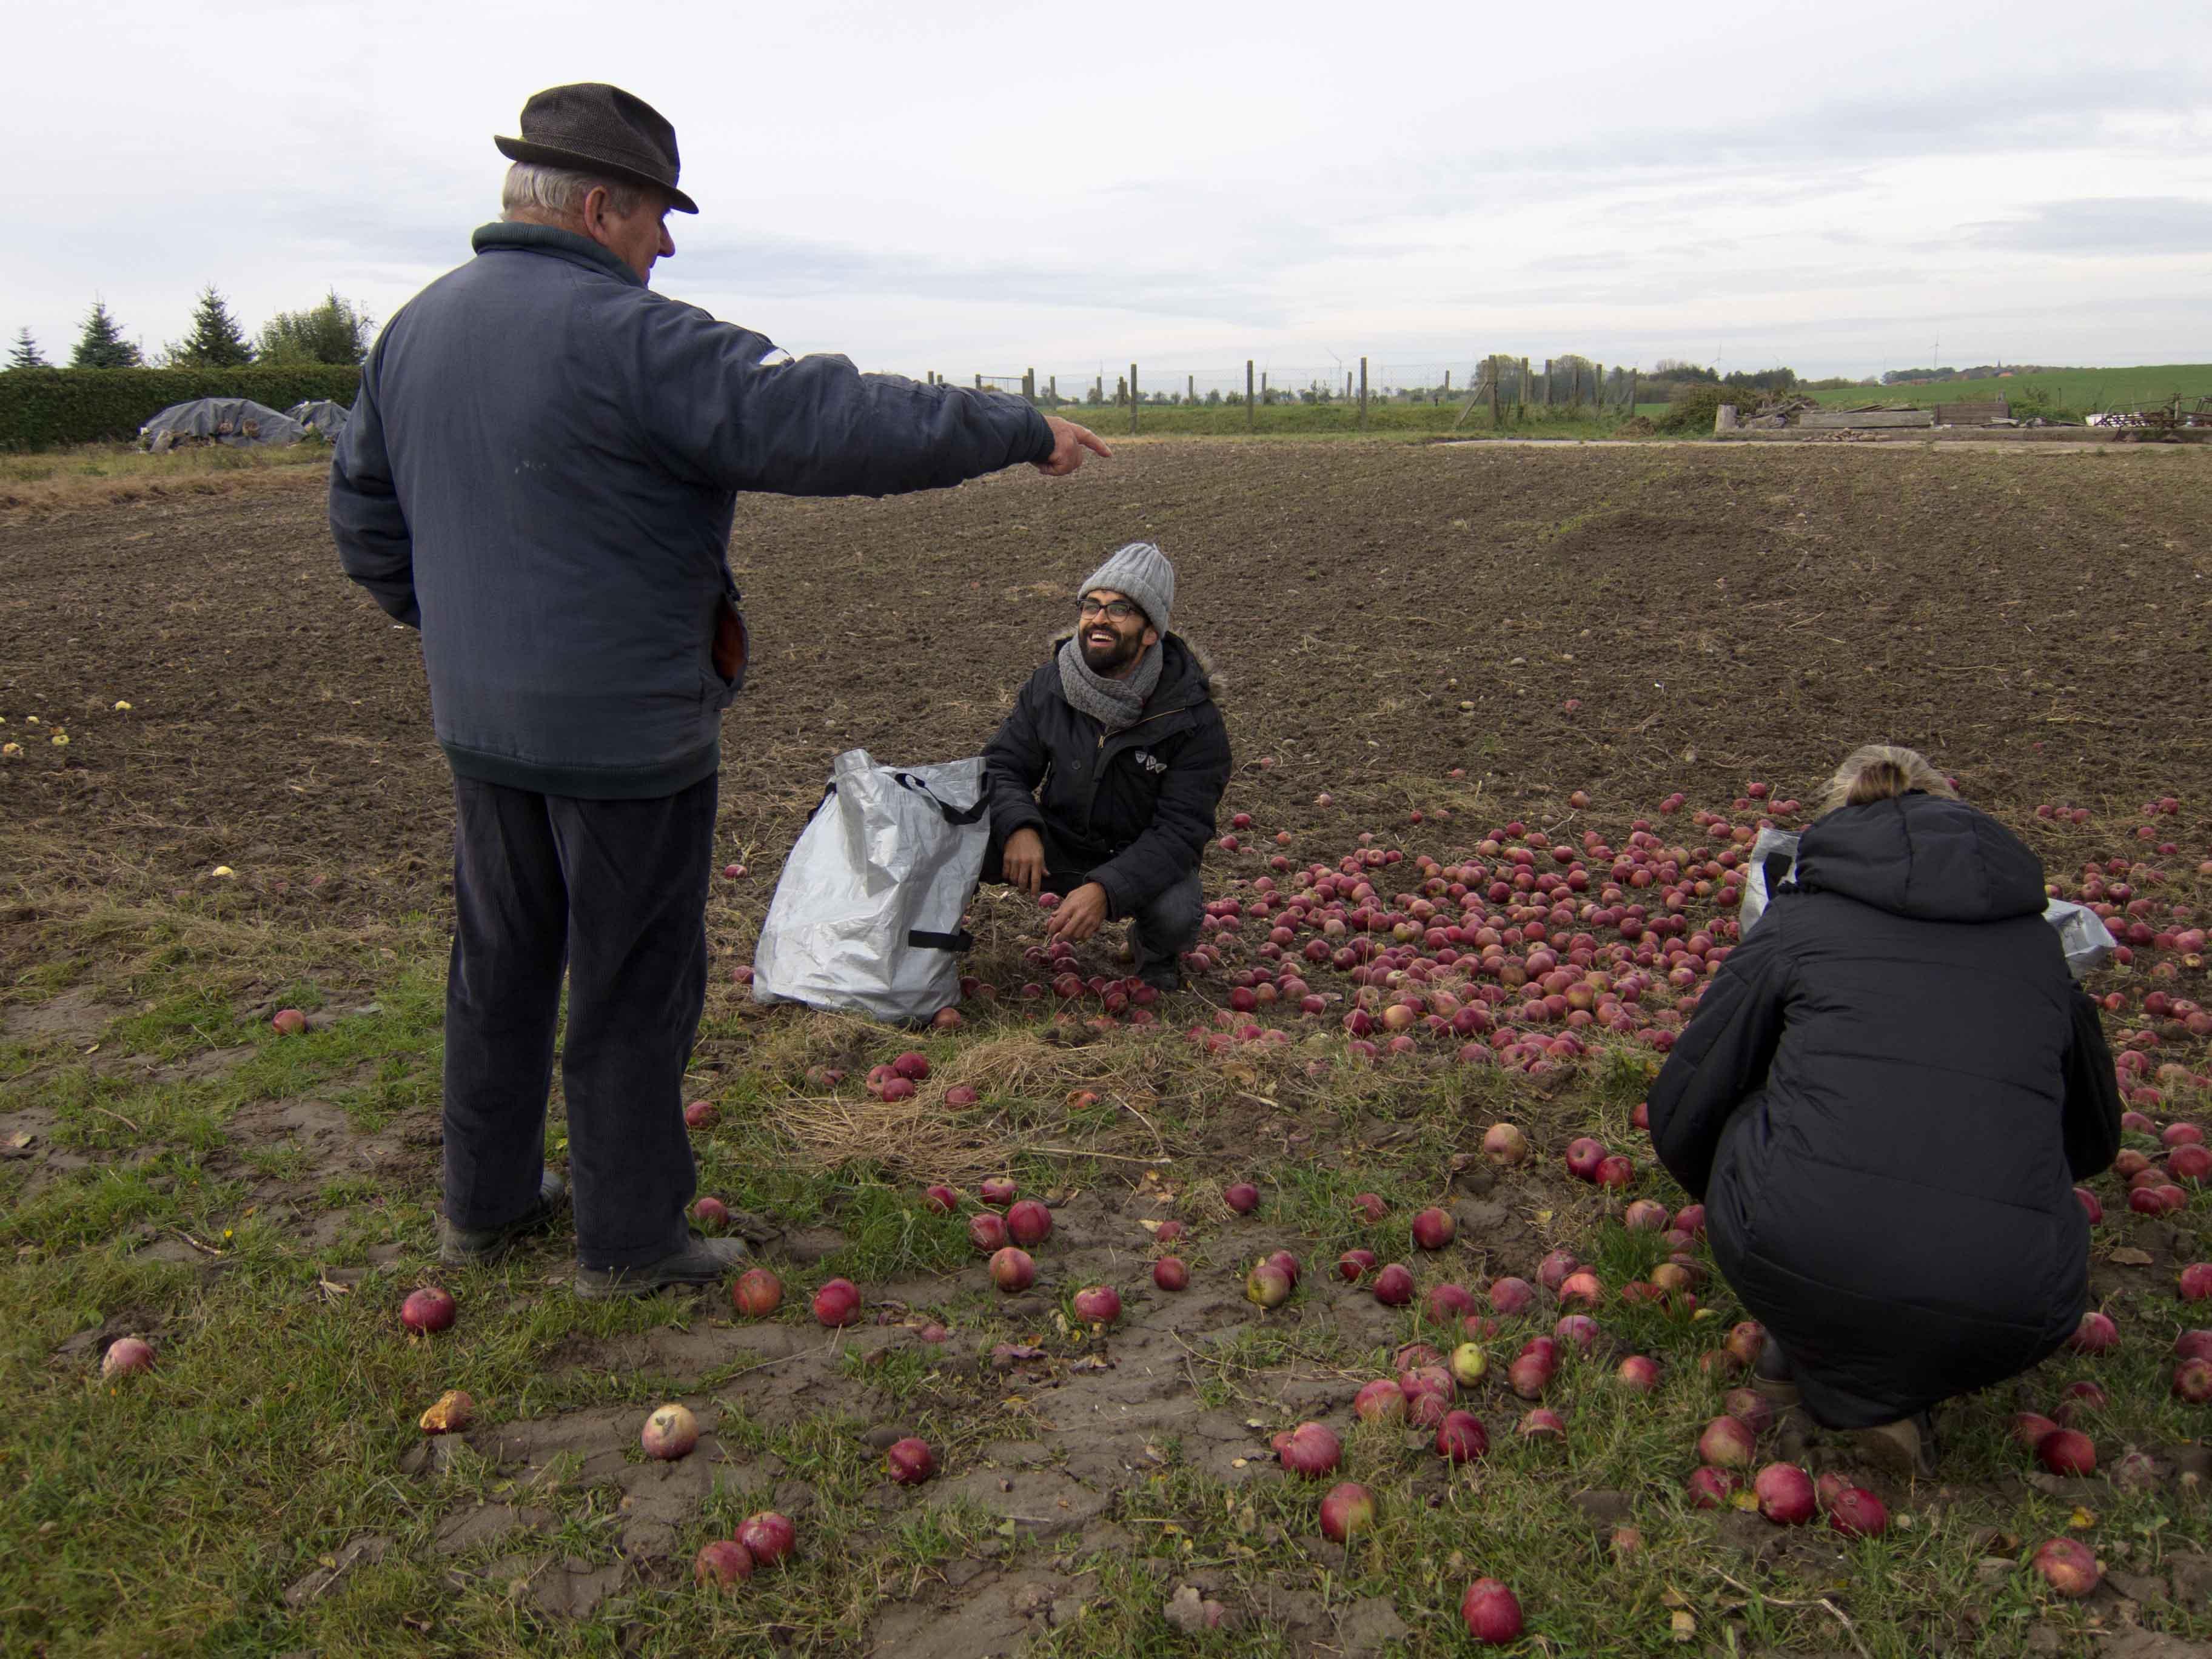 Apfelbaumbesitzer_mit_Erntern_CR_Uve_Haussig